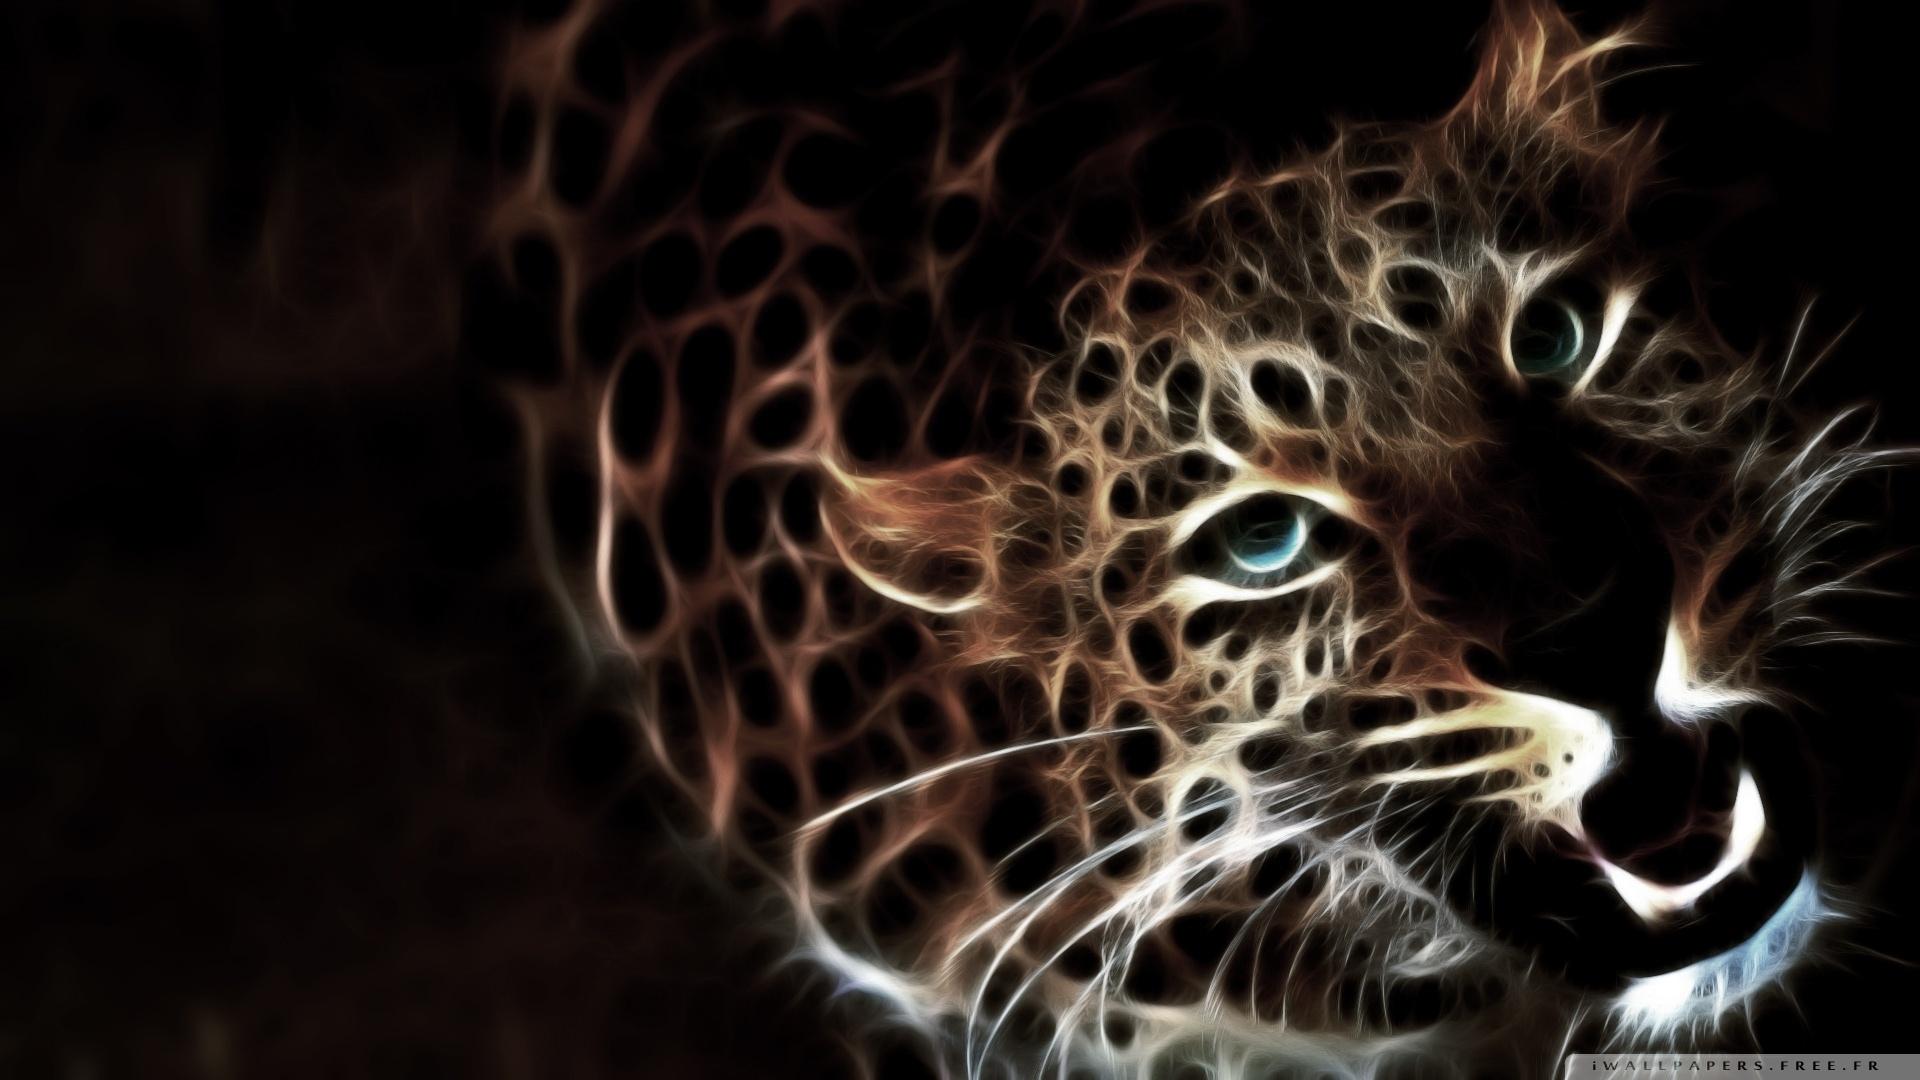 Leopard 3d fond ecran 10 000 fonds d 39 cran hd gratuits for Fond ecran free